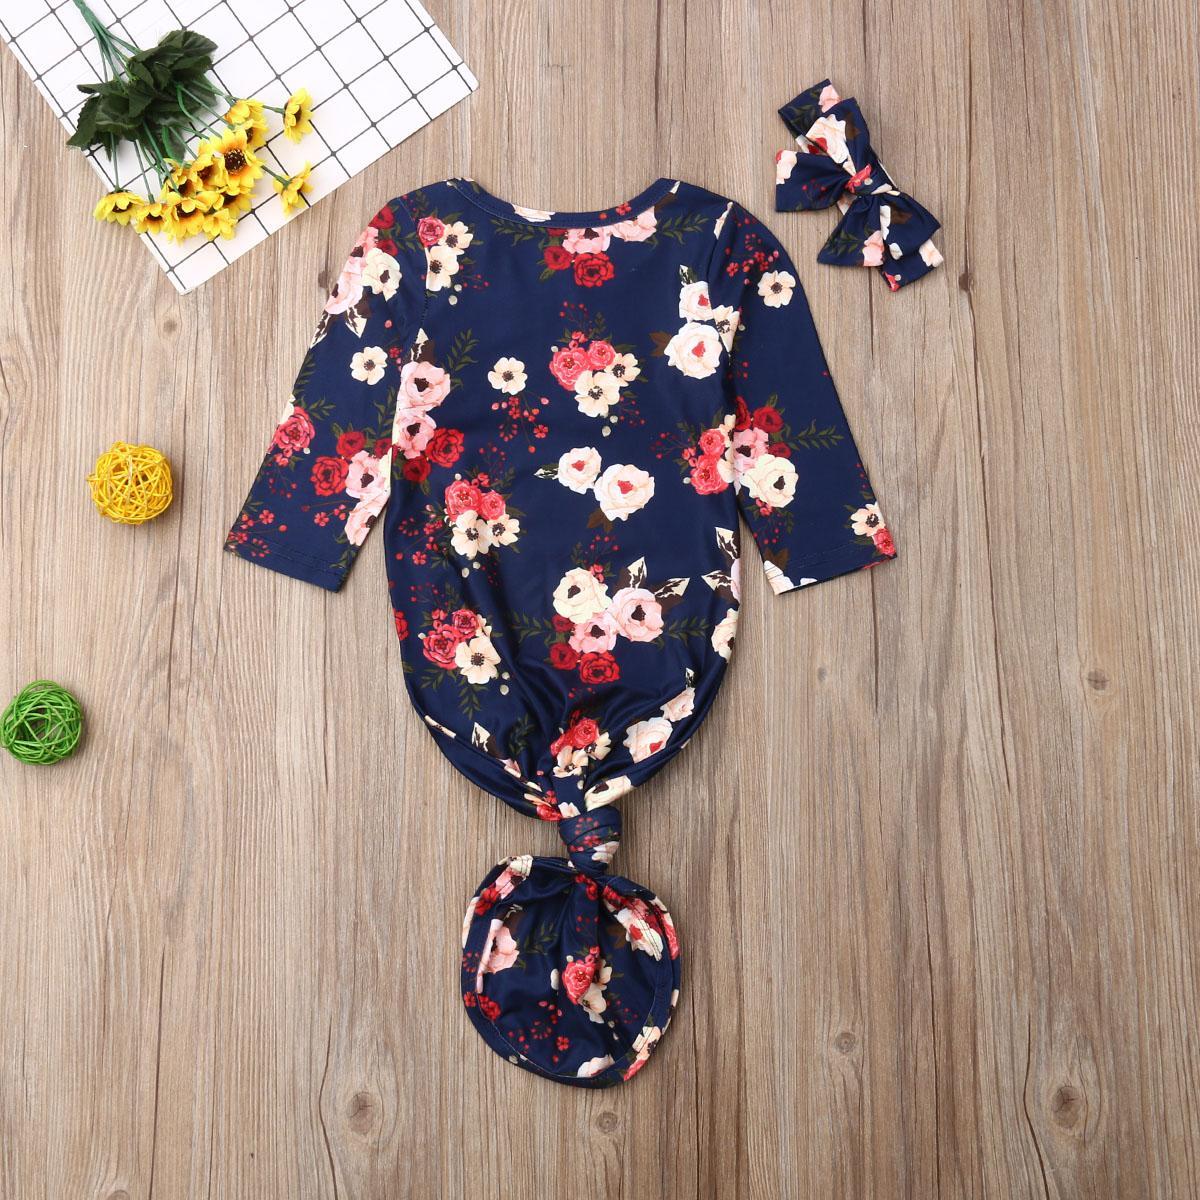 0-12Month Flor bebé recém-nascido Meninos gavetas Enrole Blanket saco de dormir + Headband Set